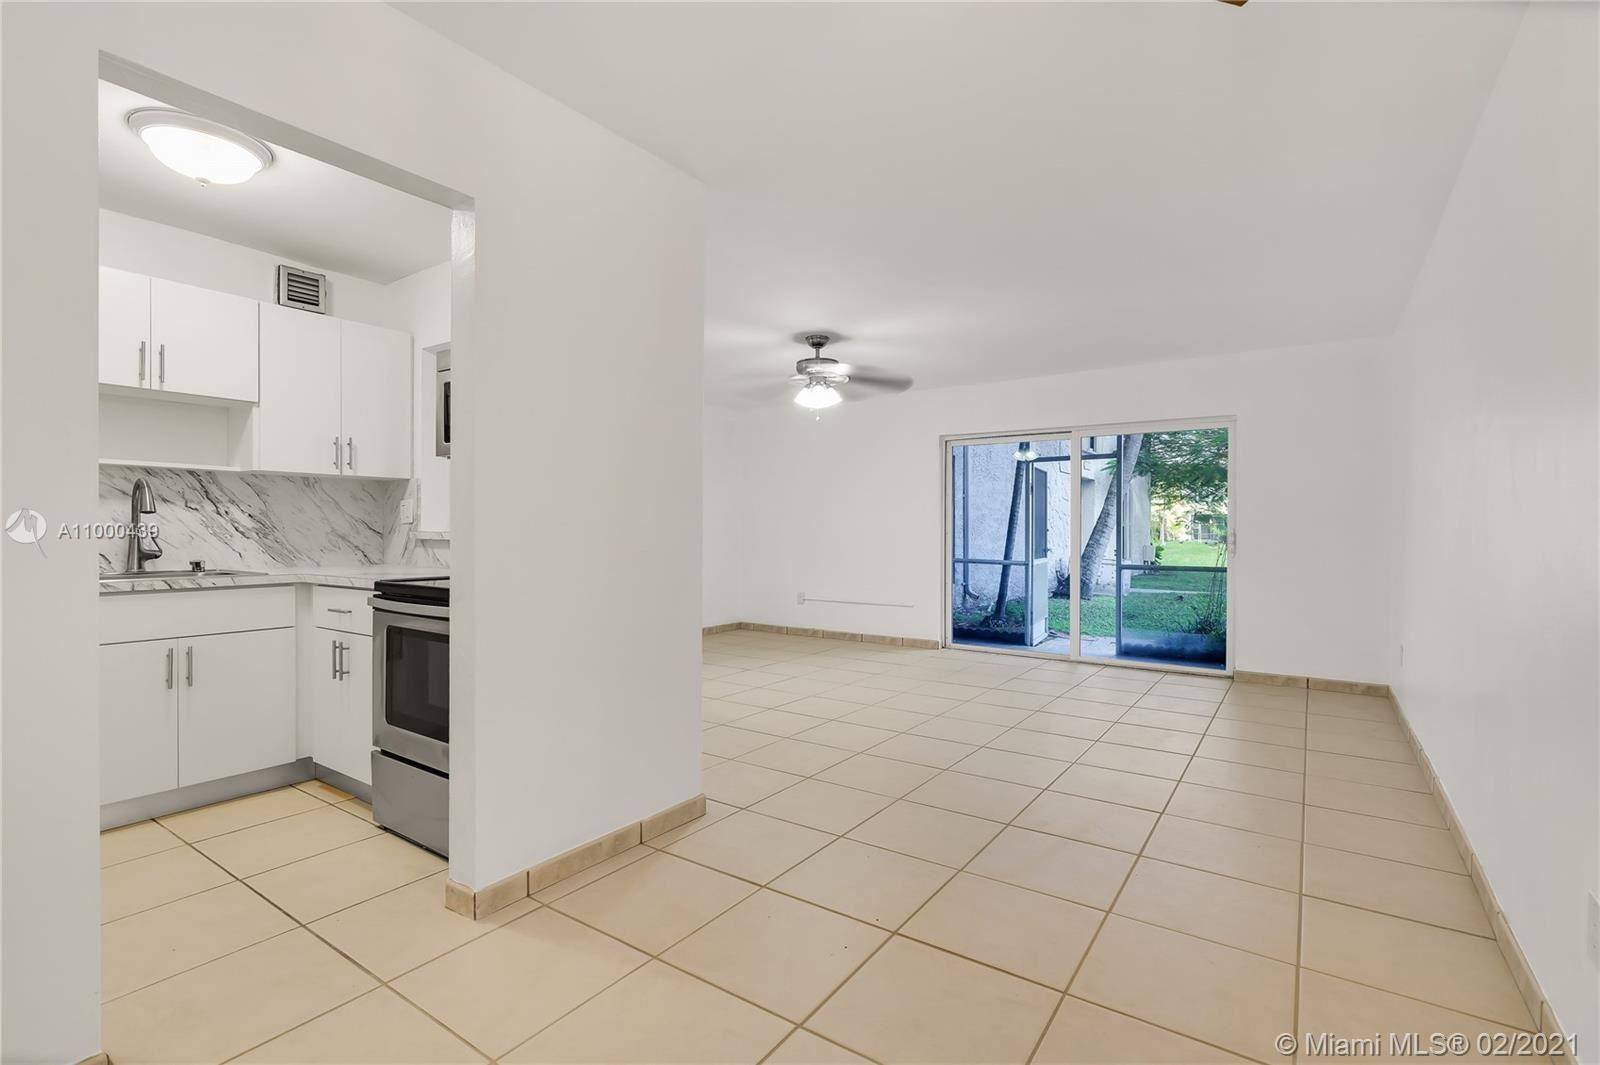 10393 N Kendall Dr #U1, Miami, FL 33176 - #: A11000439